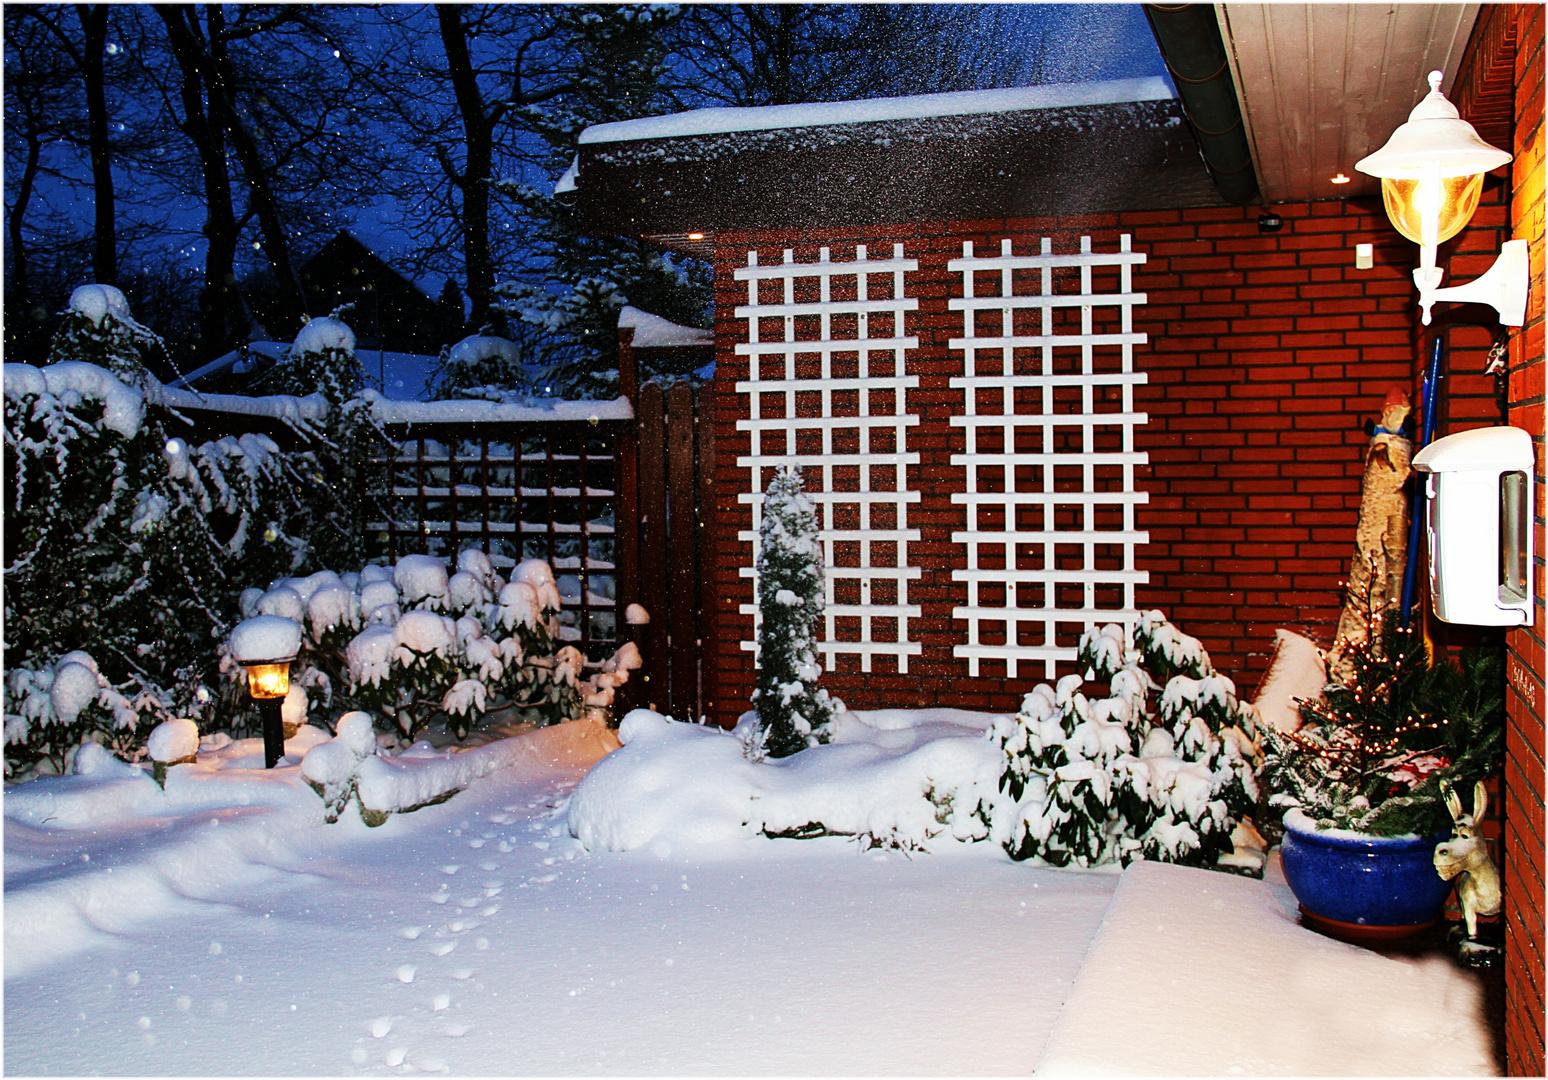 hier bin ich zu Haus ... Spuren im Schnee